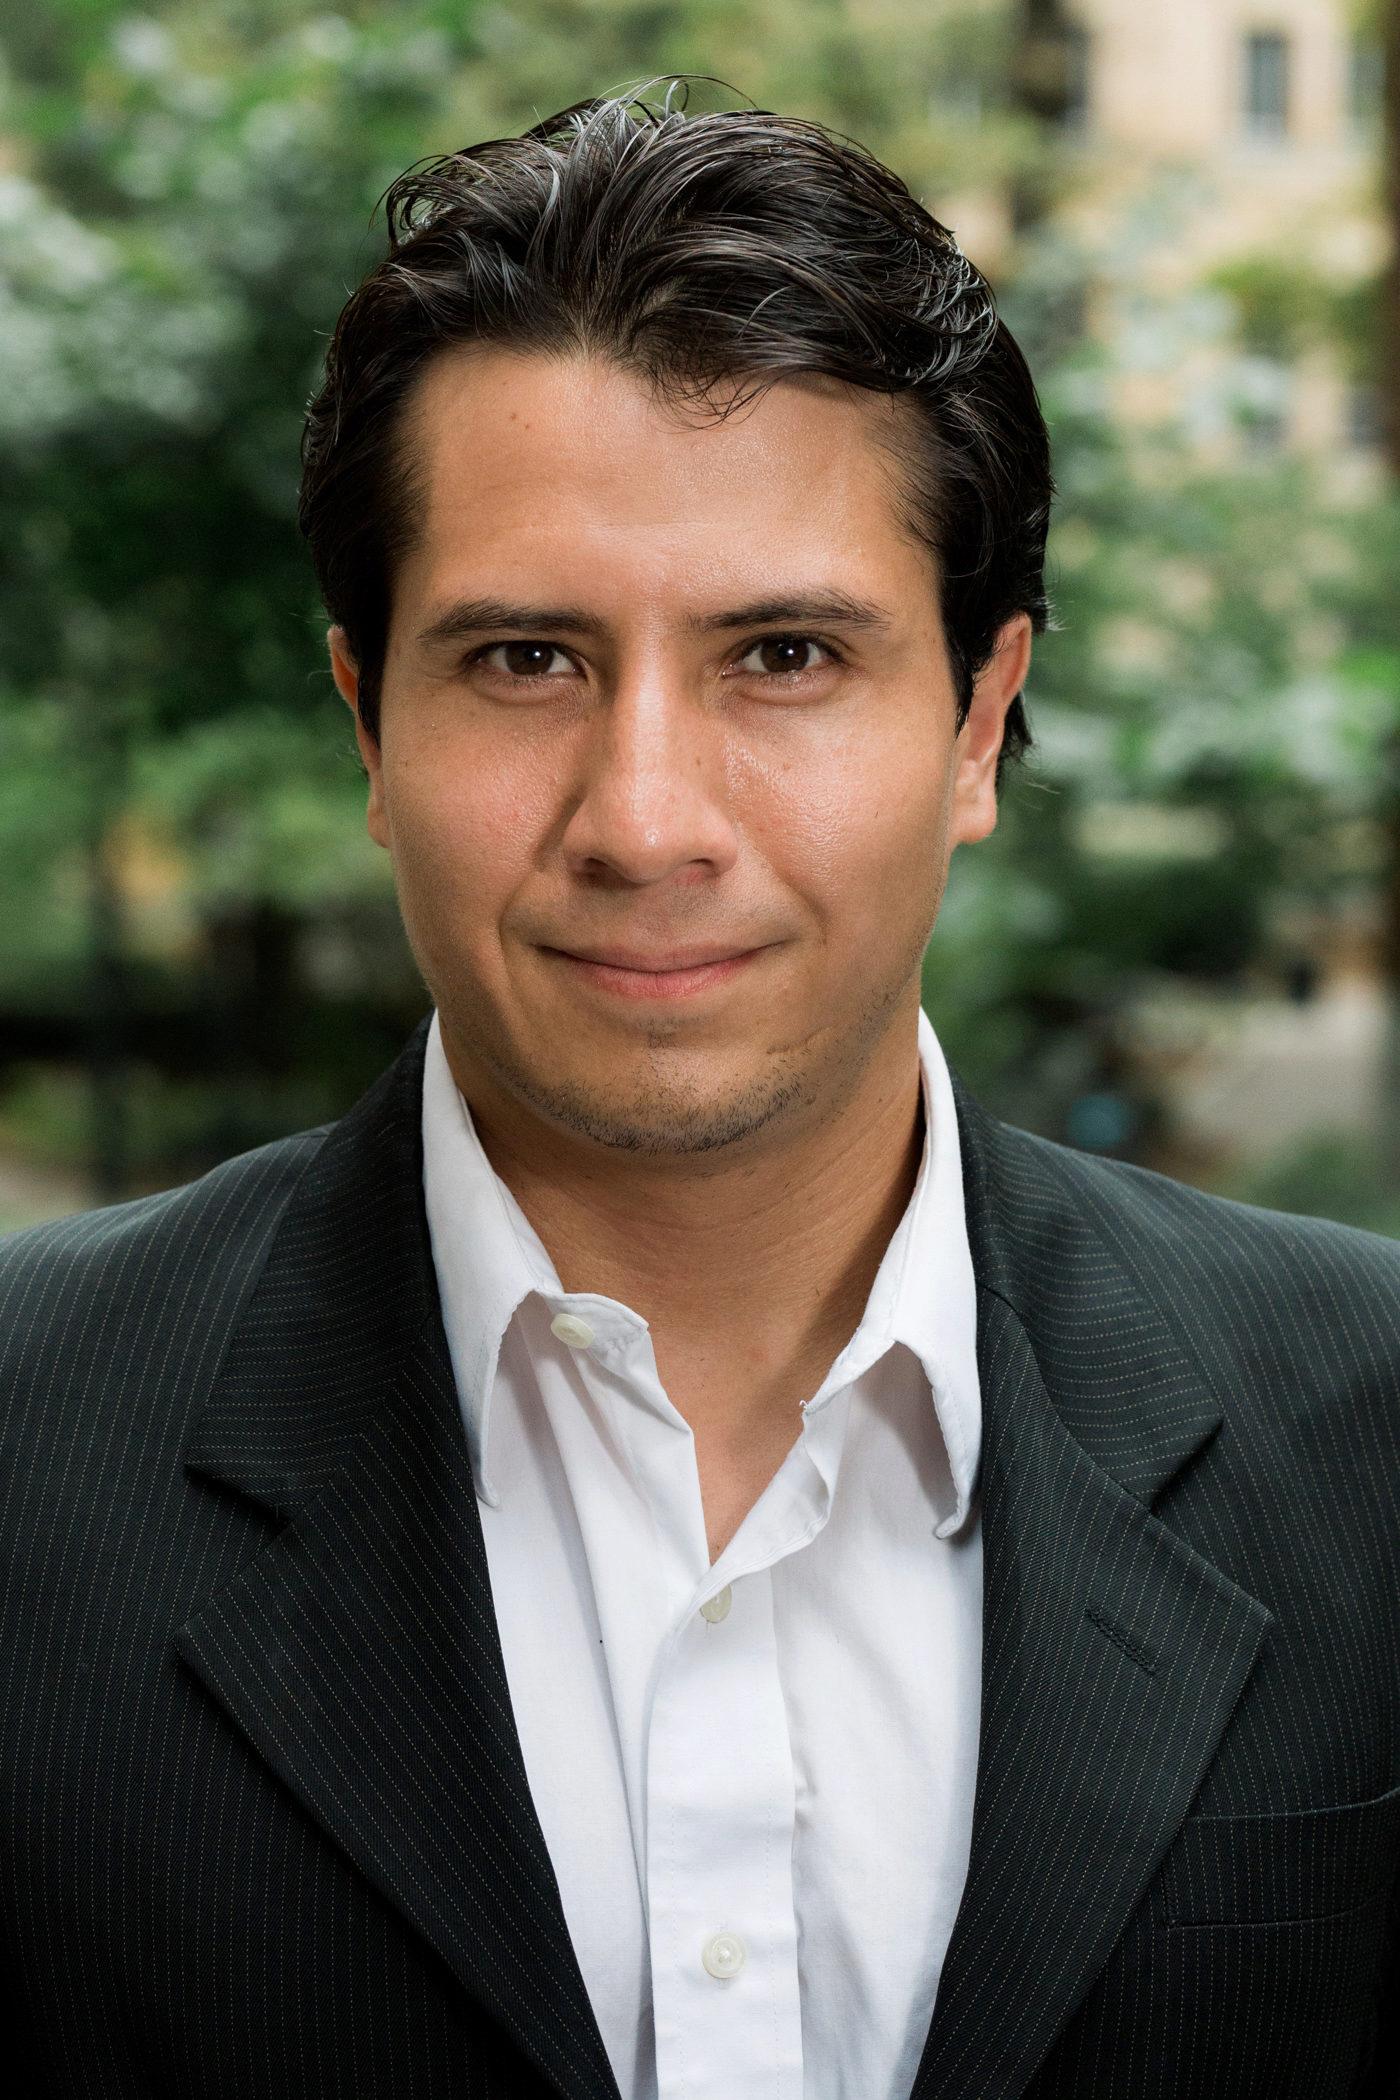 (Jose) Alejandro Lopez-Lira